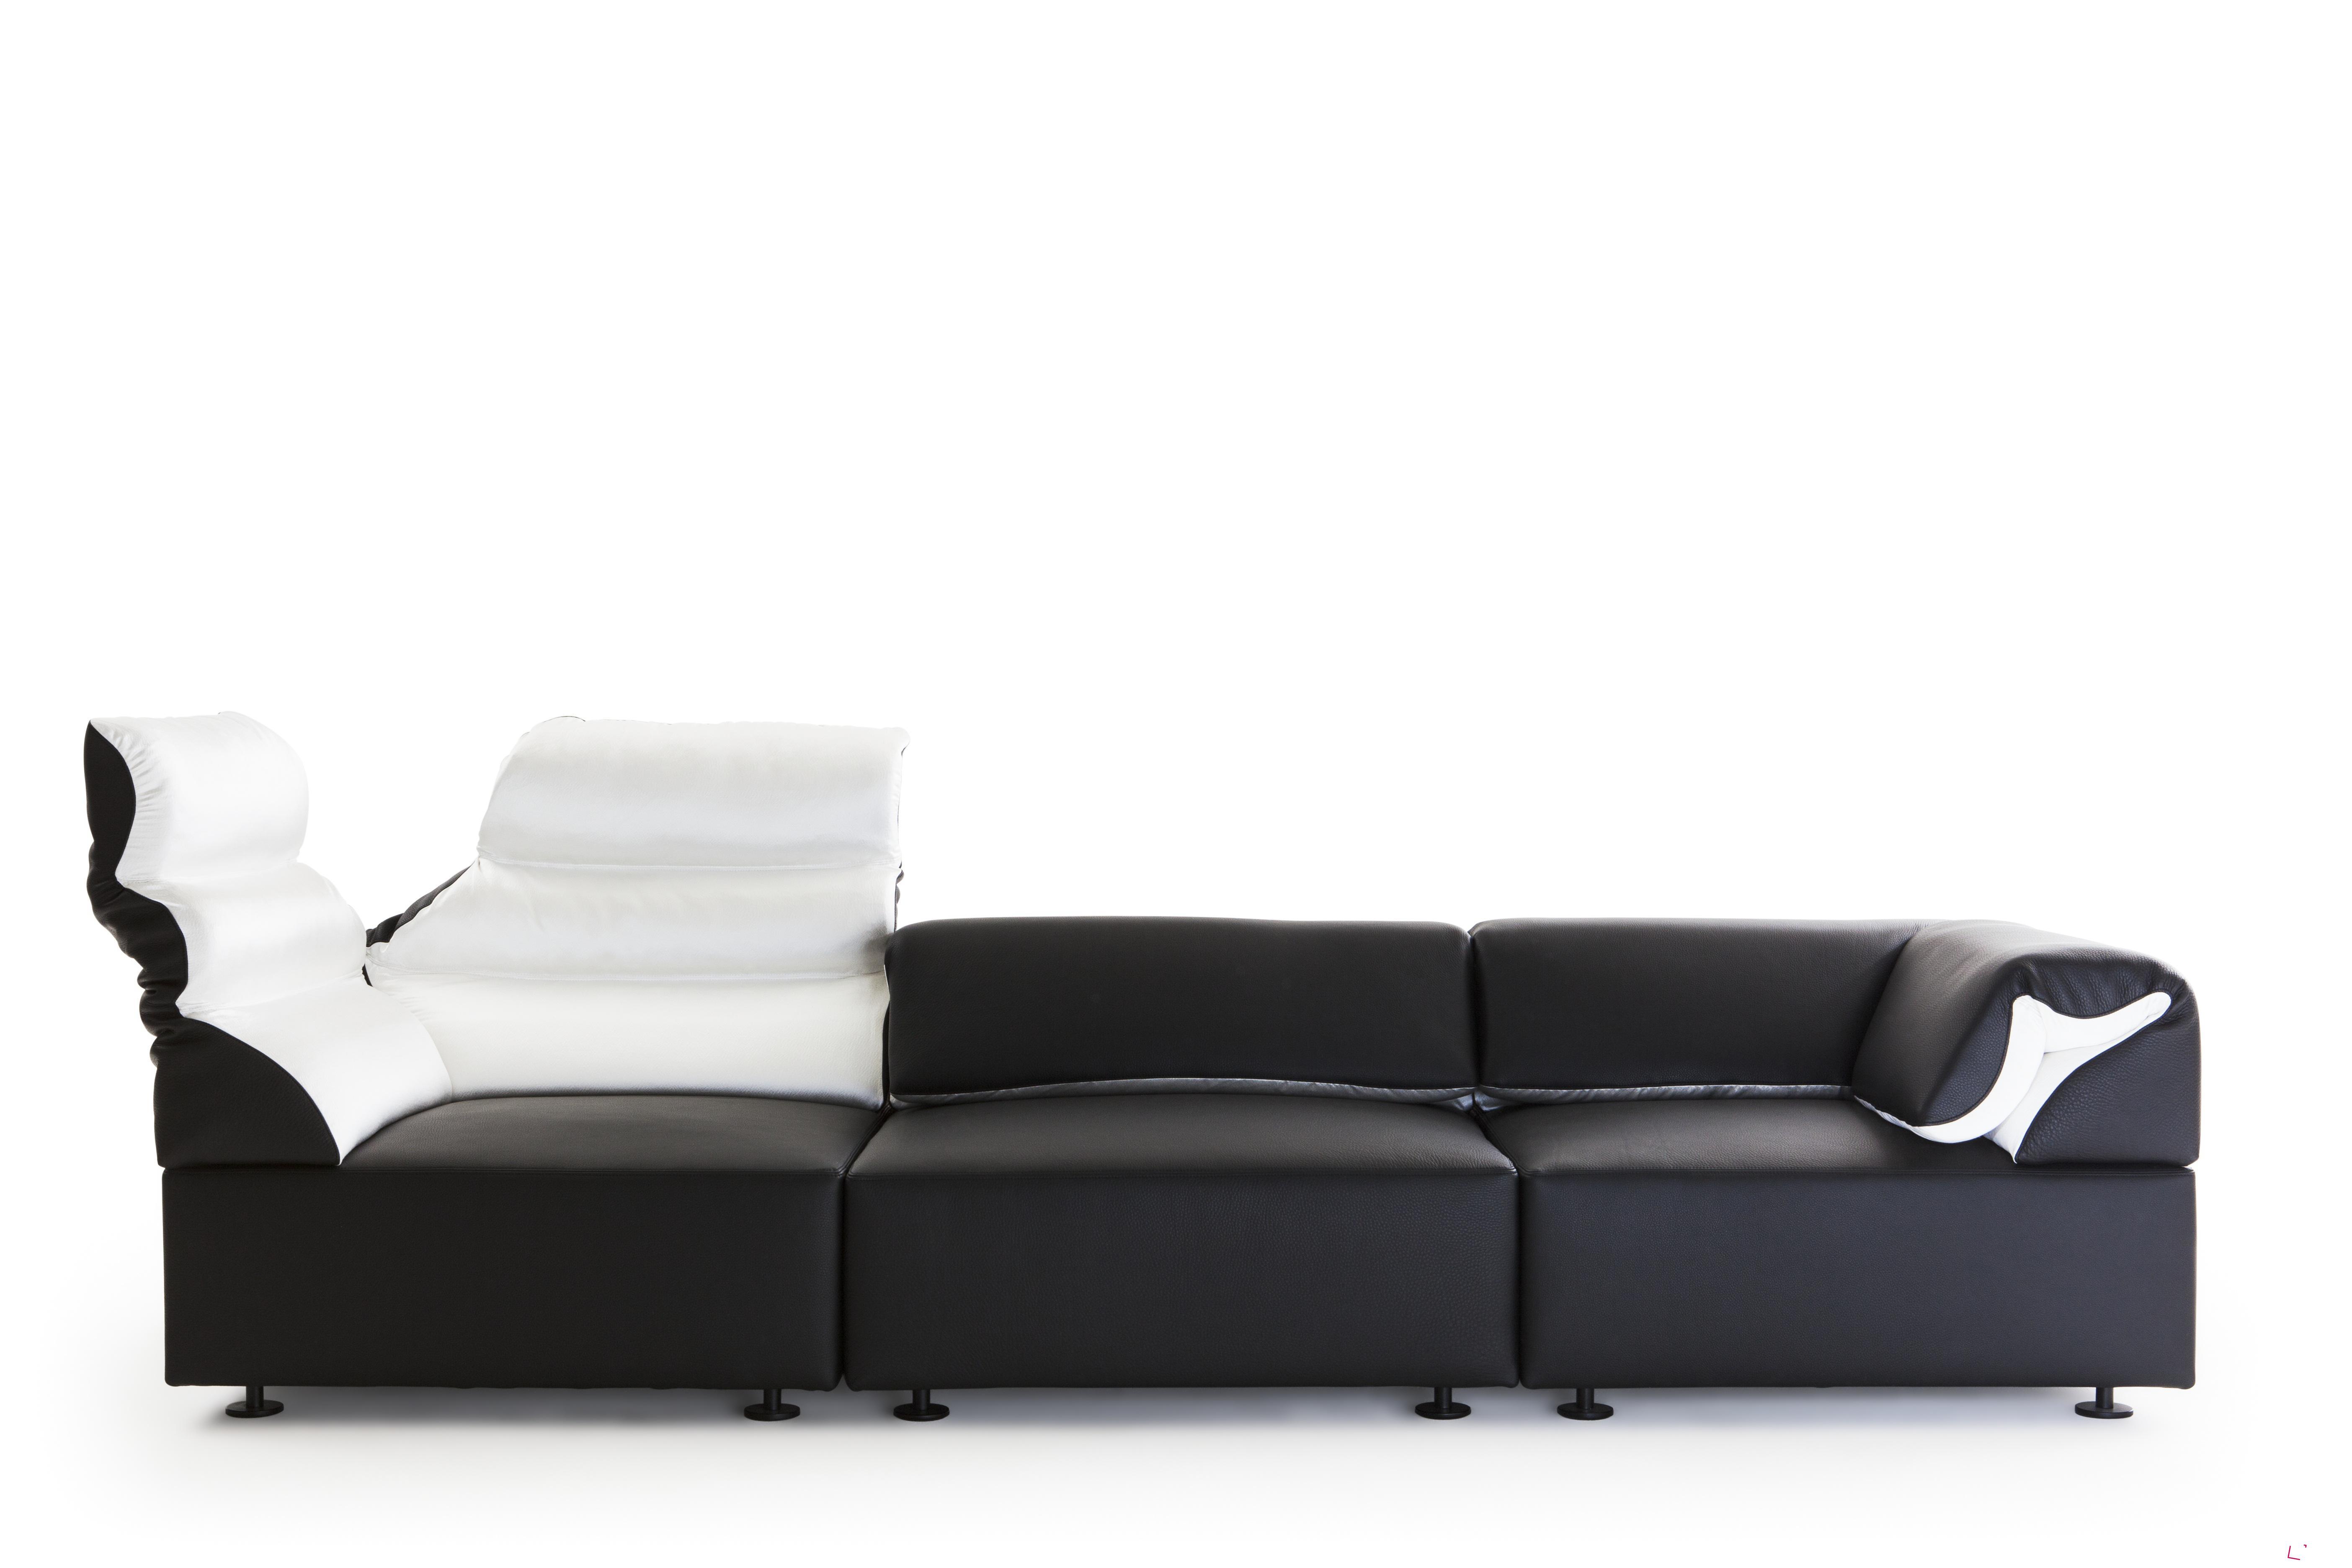 Sedací souprava Freud (design Mario Bellini), Meritalia. Zadní opěrky soupravy lze rozložením zvýšit. Opěrky lze používat v nízké i vysoké podobě.